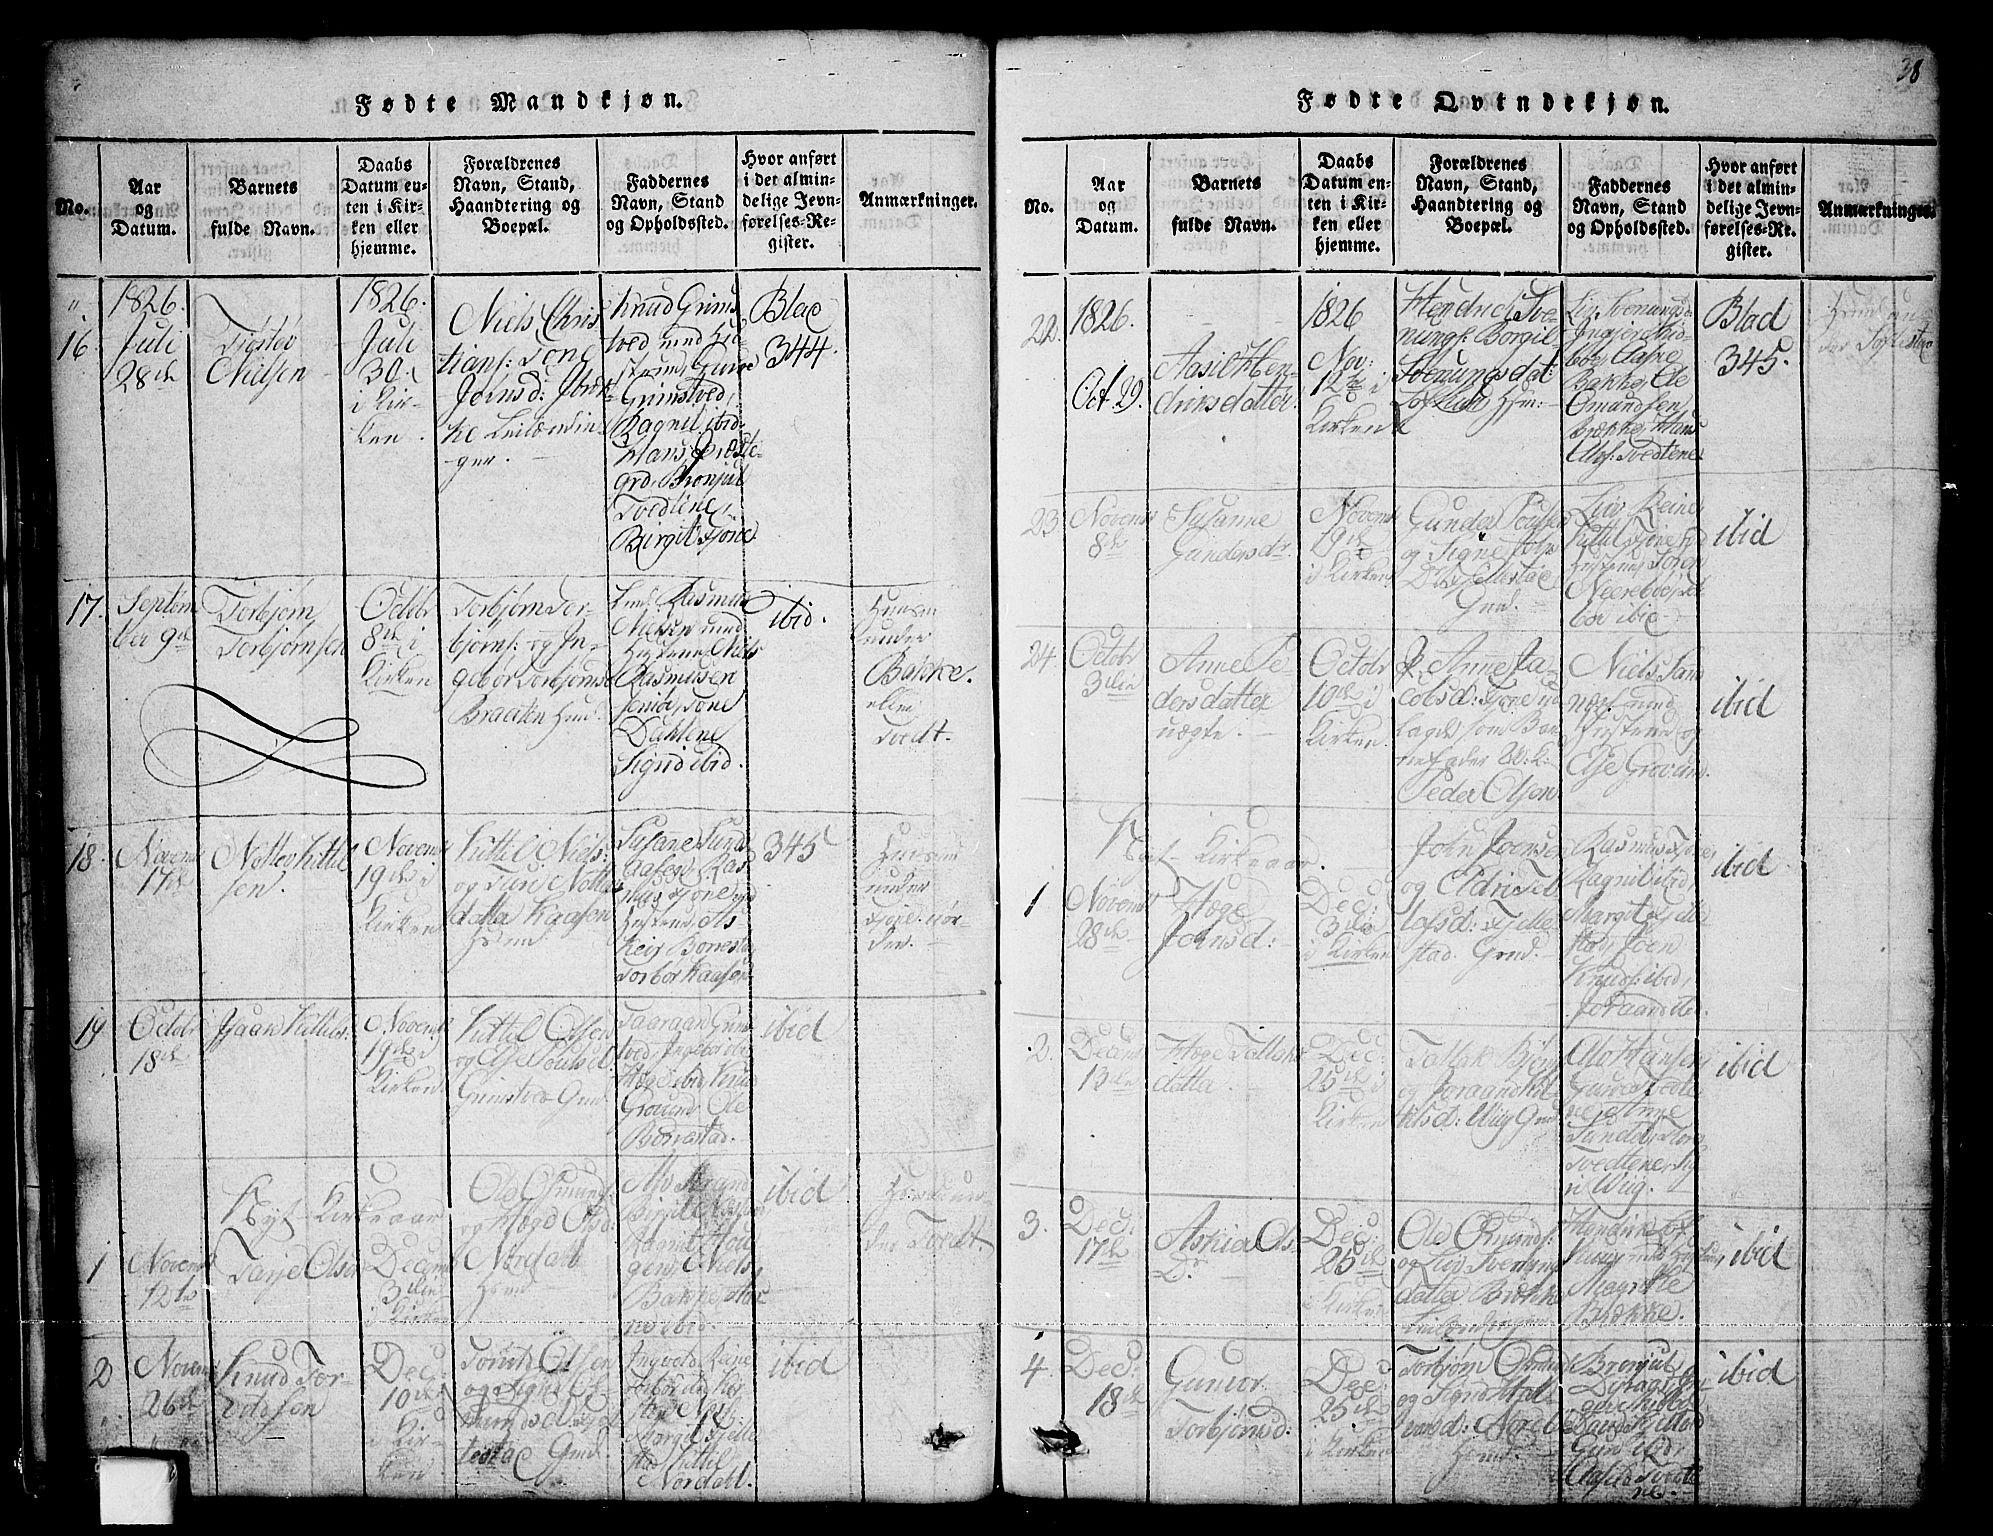 SAKO, Nissedal kirkebøker, G/Ga/L0001: Klokkerbok nr. I 1, 1814-1860, s. 38